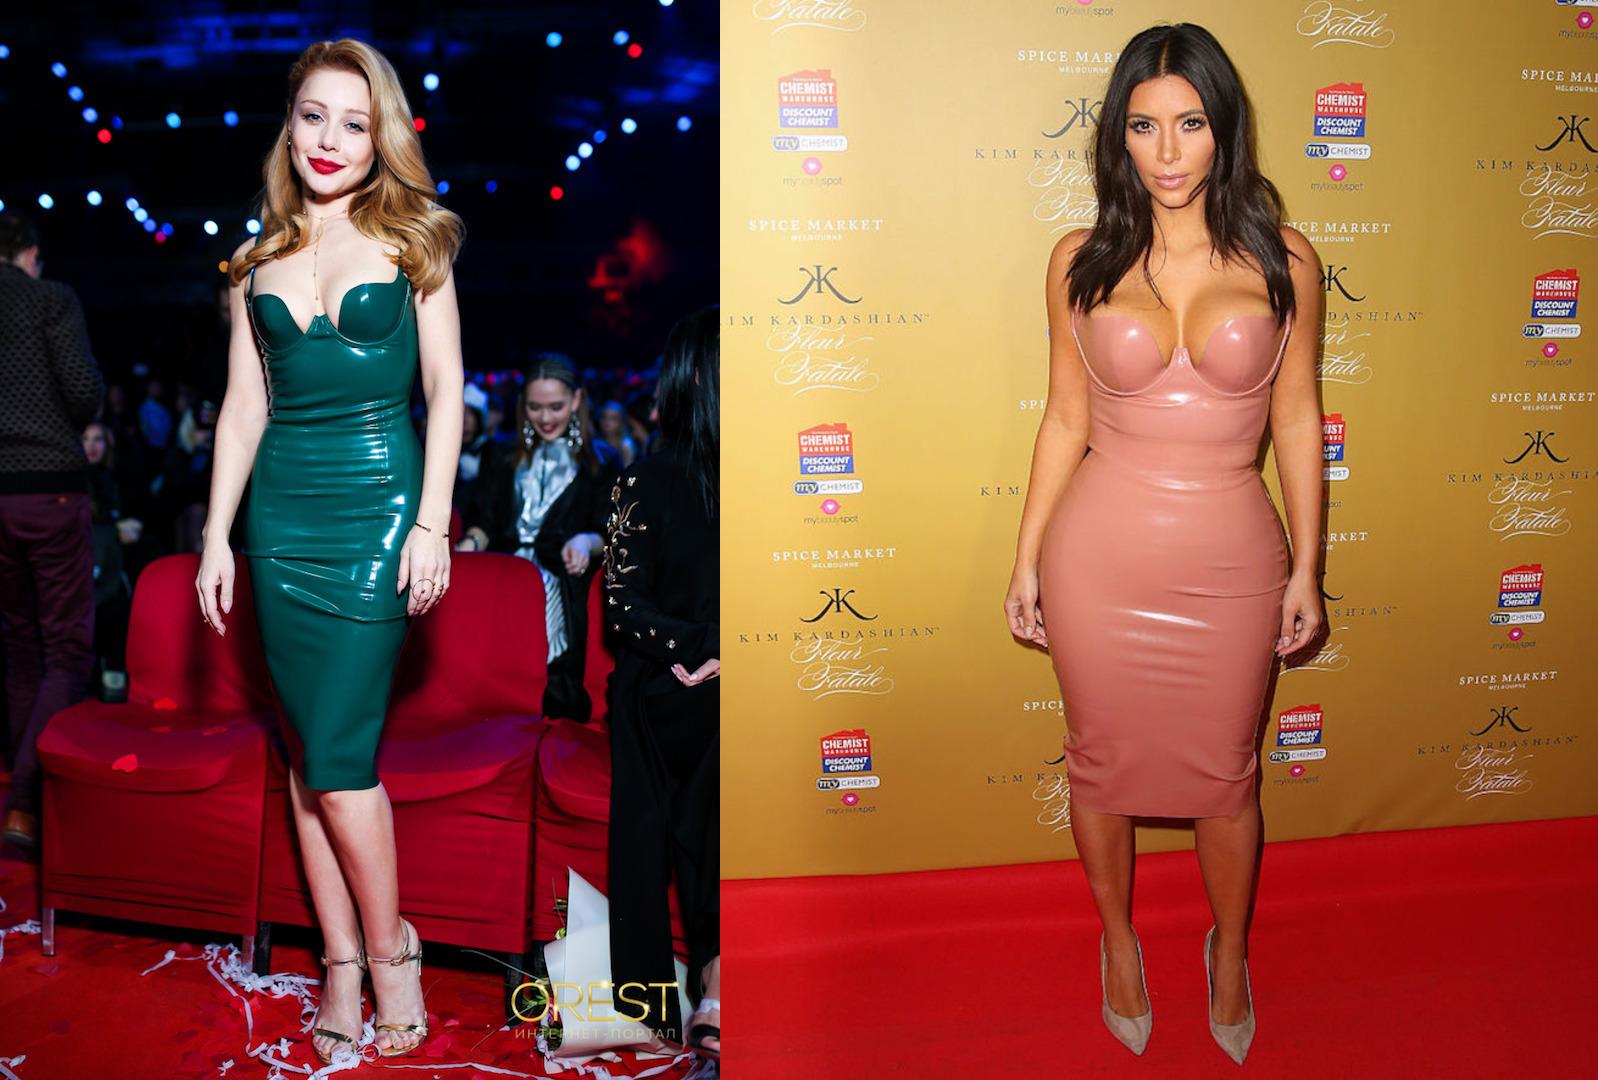 Битва платьев: Ким Кардашьян и Тина Кароль в латексных нарядах